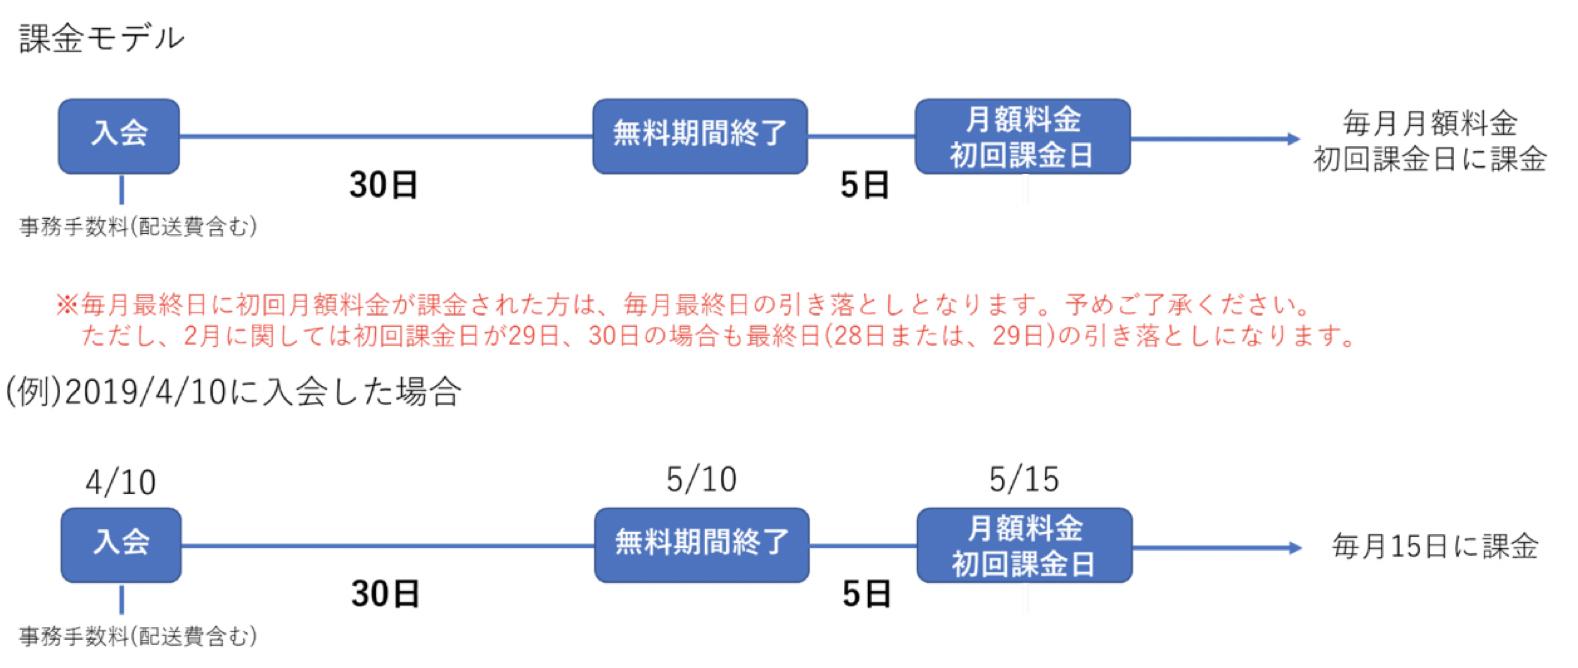 課金モデル